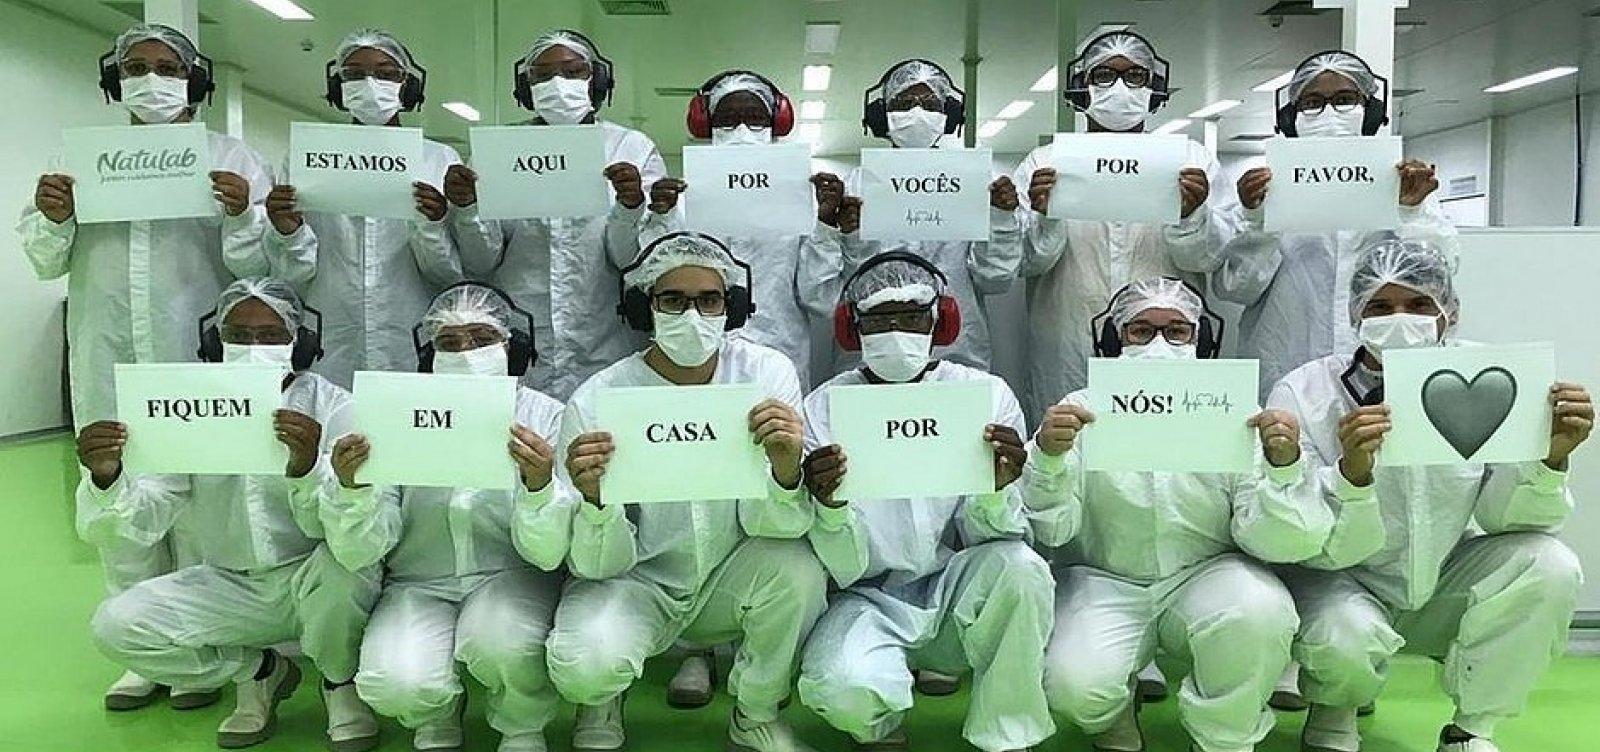 [Fábrica de remédios na Bahia fecha após ter quatro funcionários infectados com coronavírus]